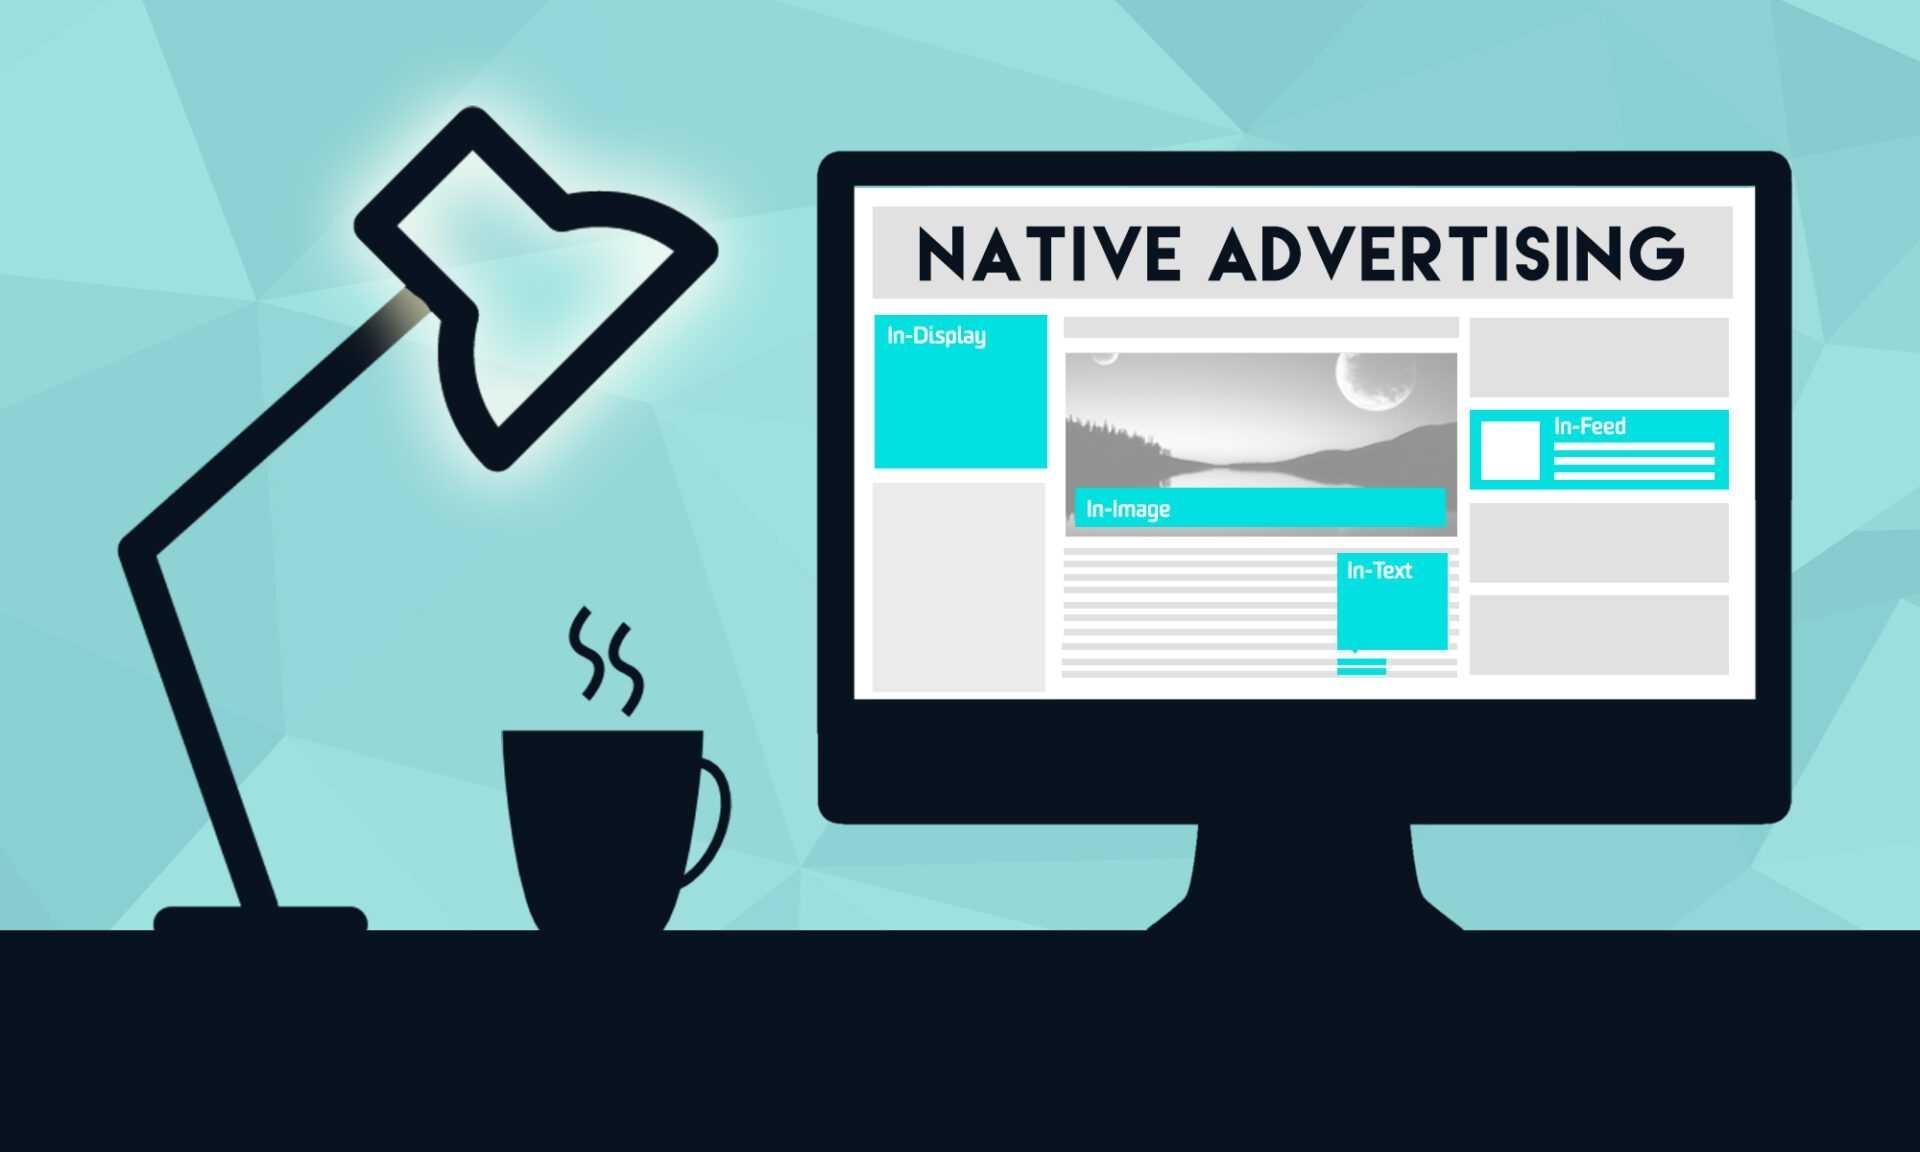 Нативная реклама — что это и примеры